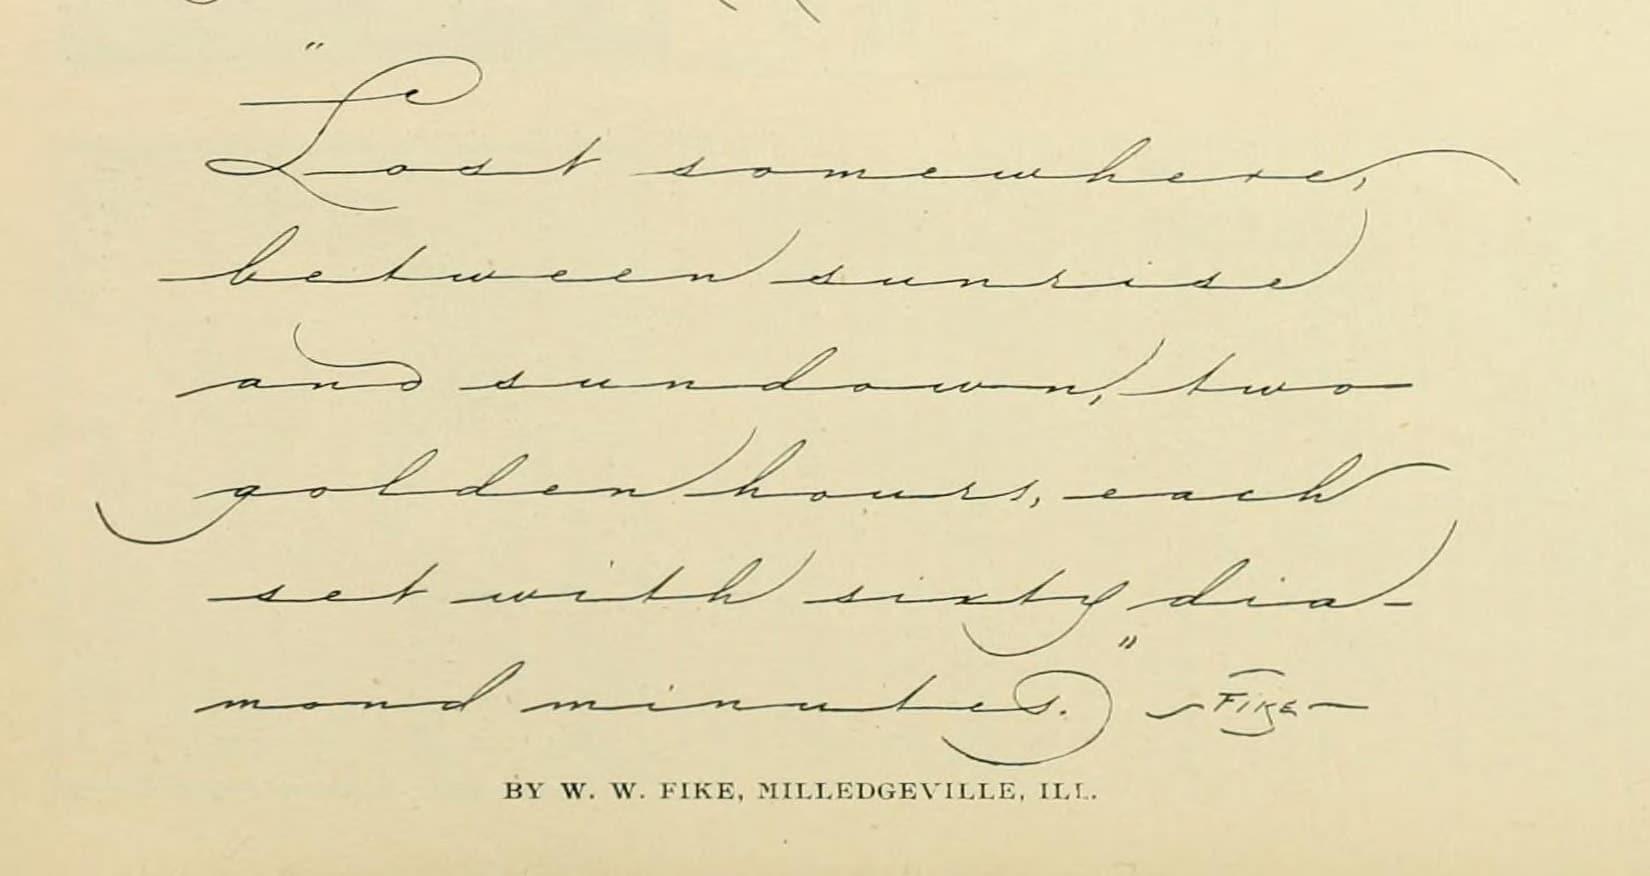 W. W. Fike Penmanship